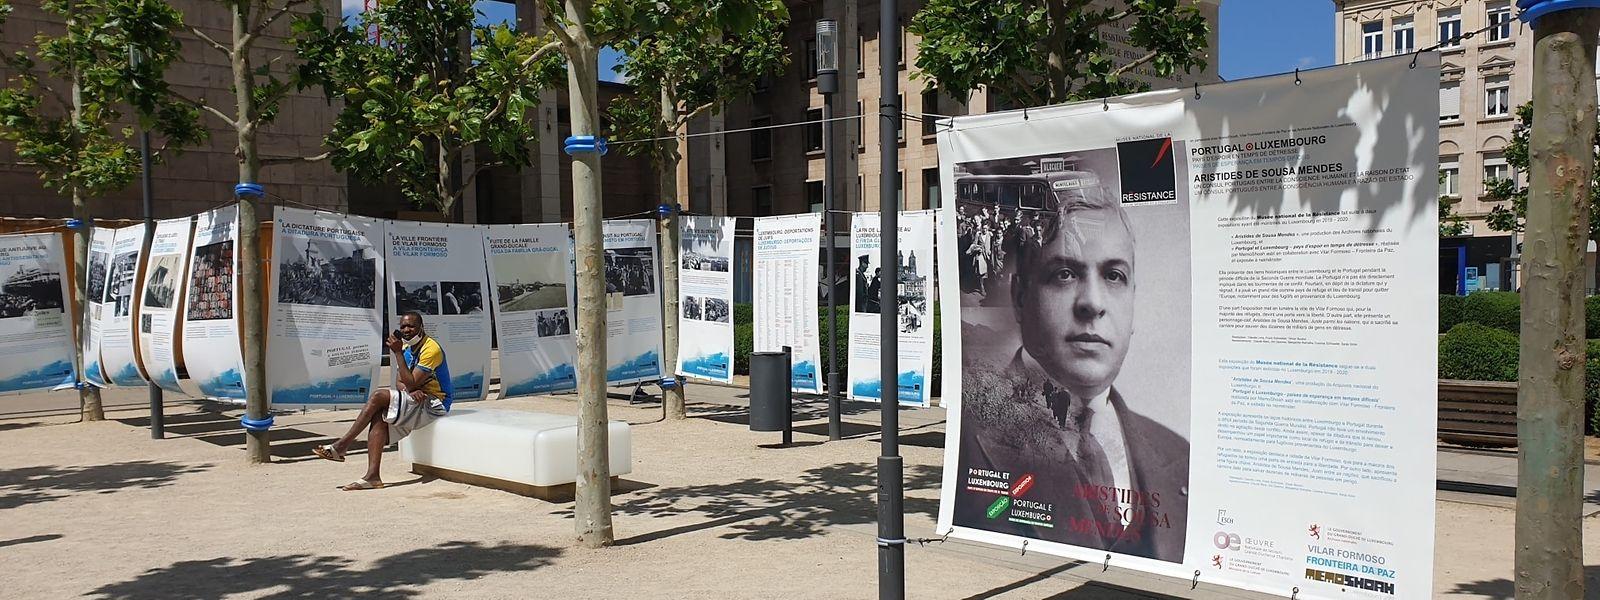 Am Donnerstag entfernte jemand die Leinwände der Freilichtausstellung des Resistenzmuseums und verschwand damit. Das Ganze ohne ersichtlichen Grund.